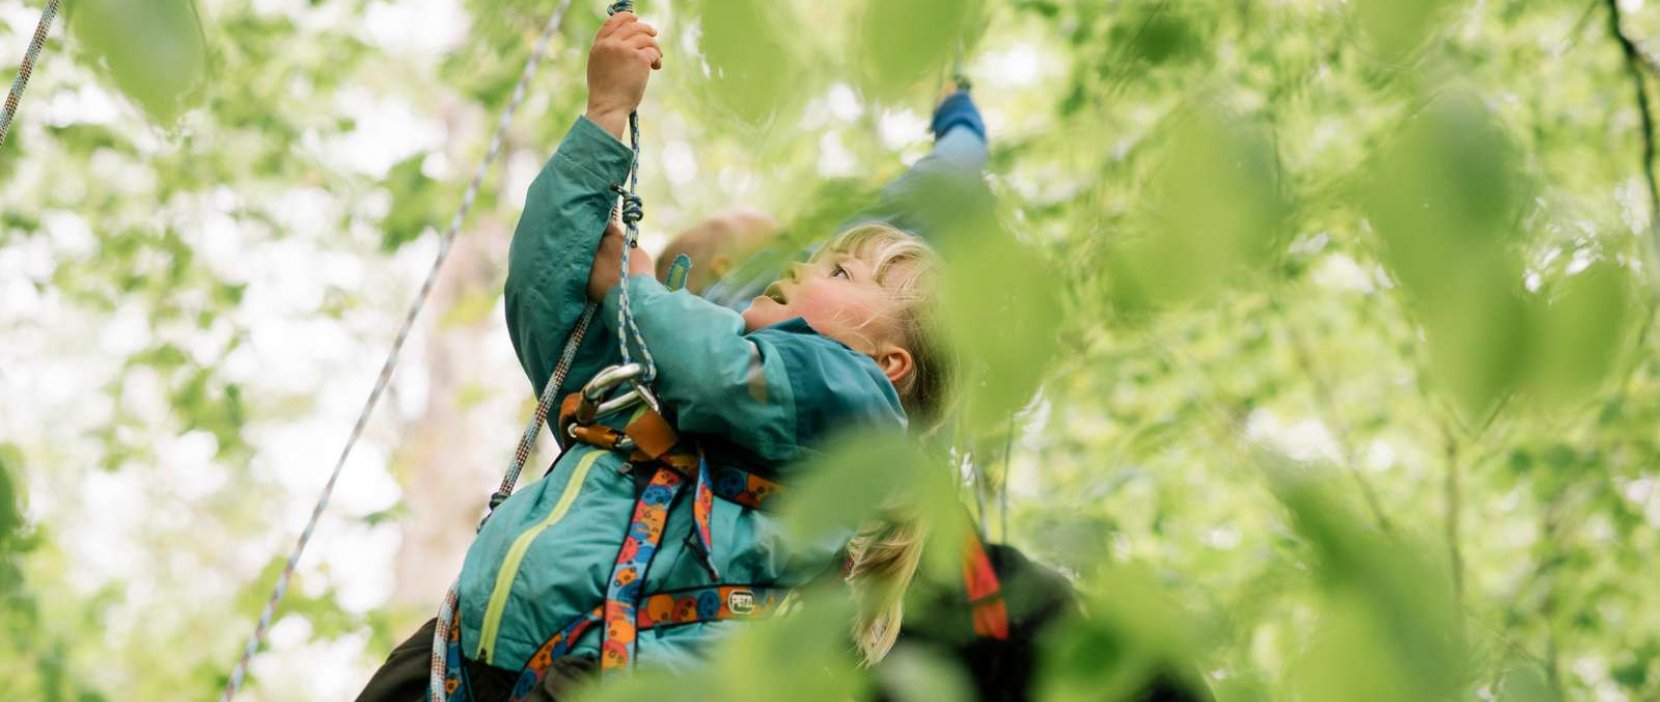 Foto: Arrangement i naturskolen - Skovens Dag - børn der kravler i træer